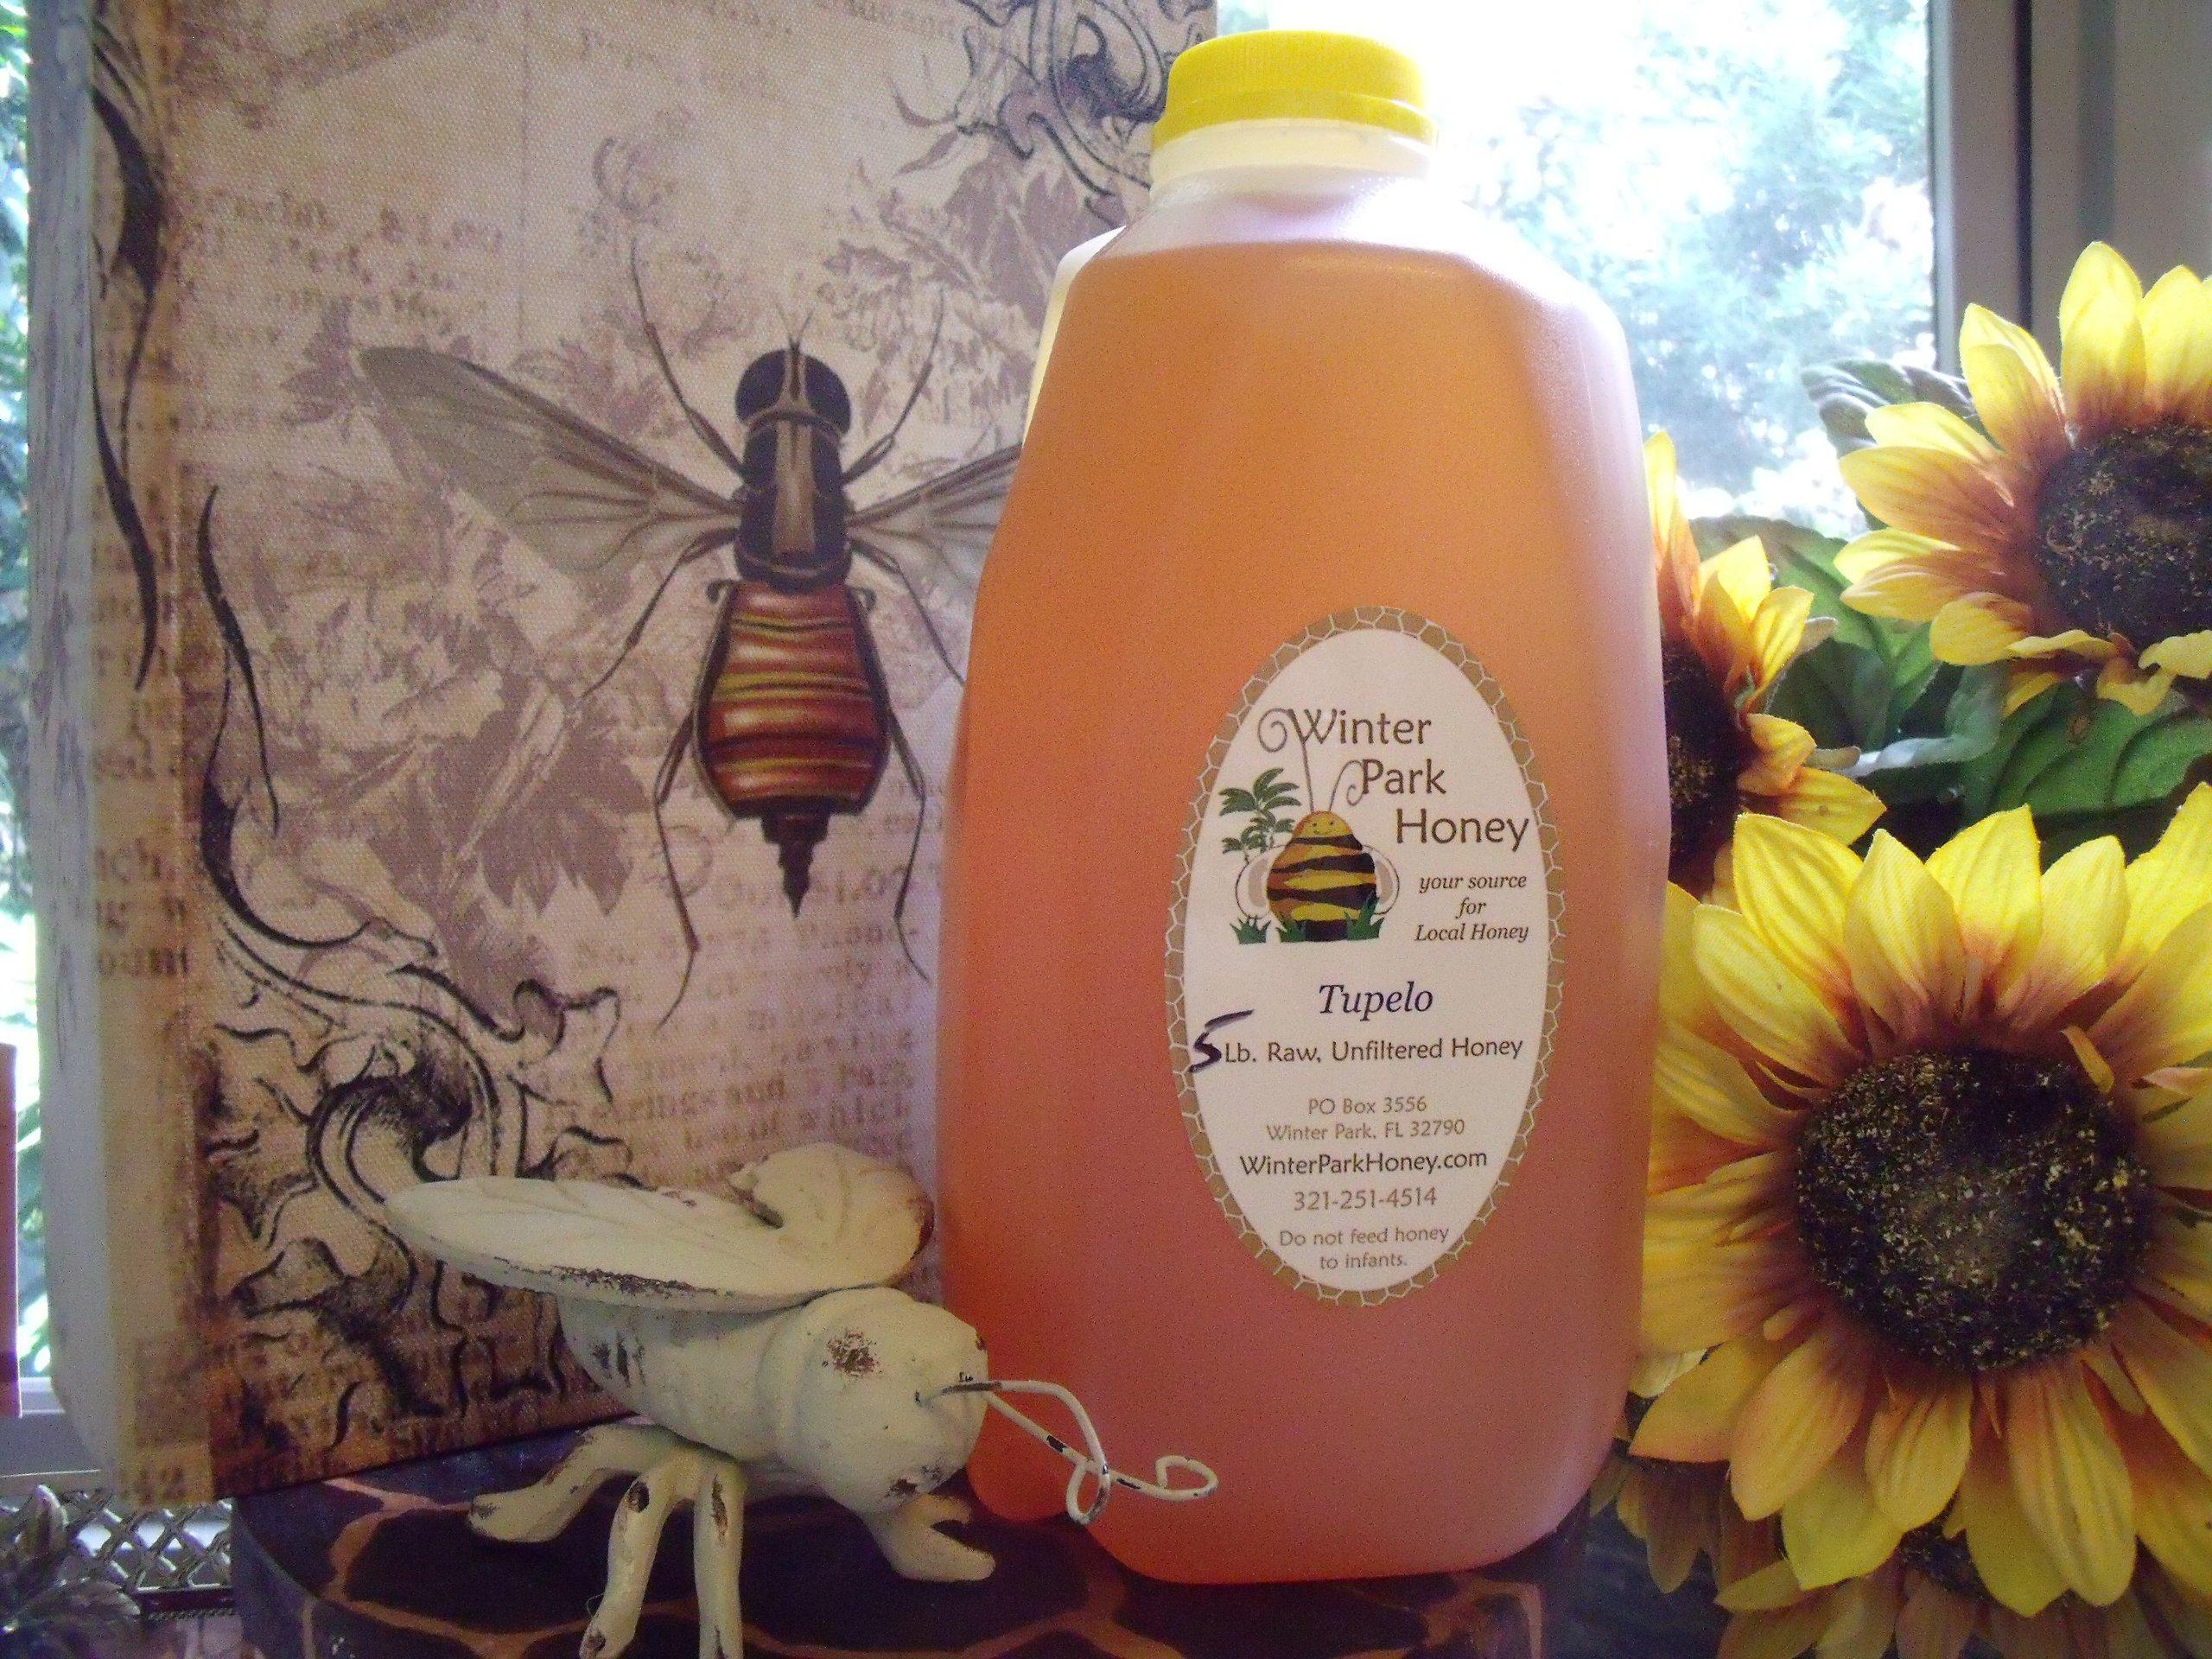 Tupelo Honey 5Lb (Pure Natural Raw Honey - 80oz)